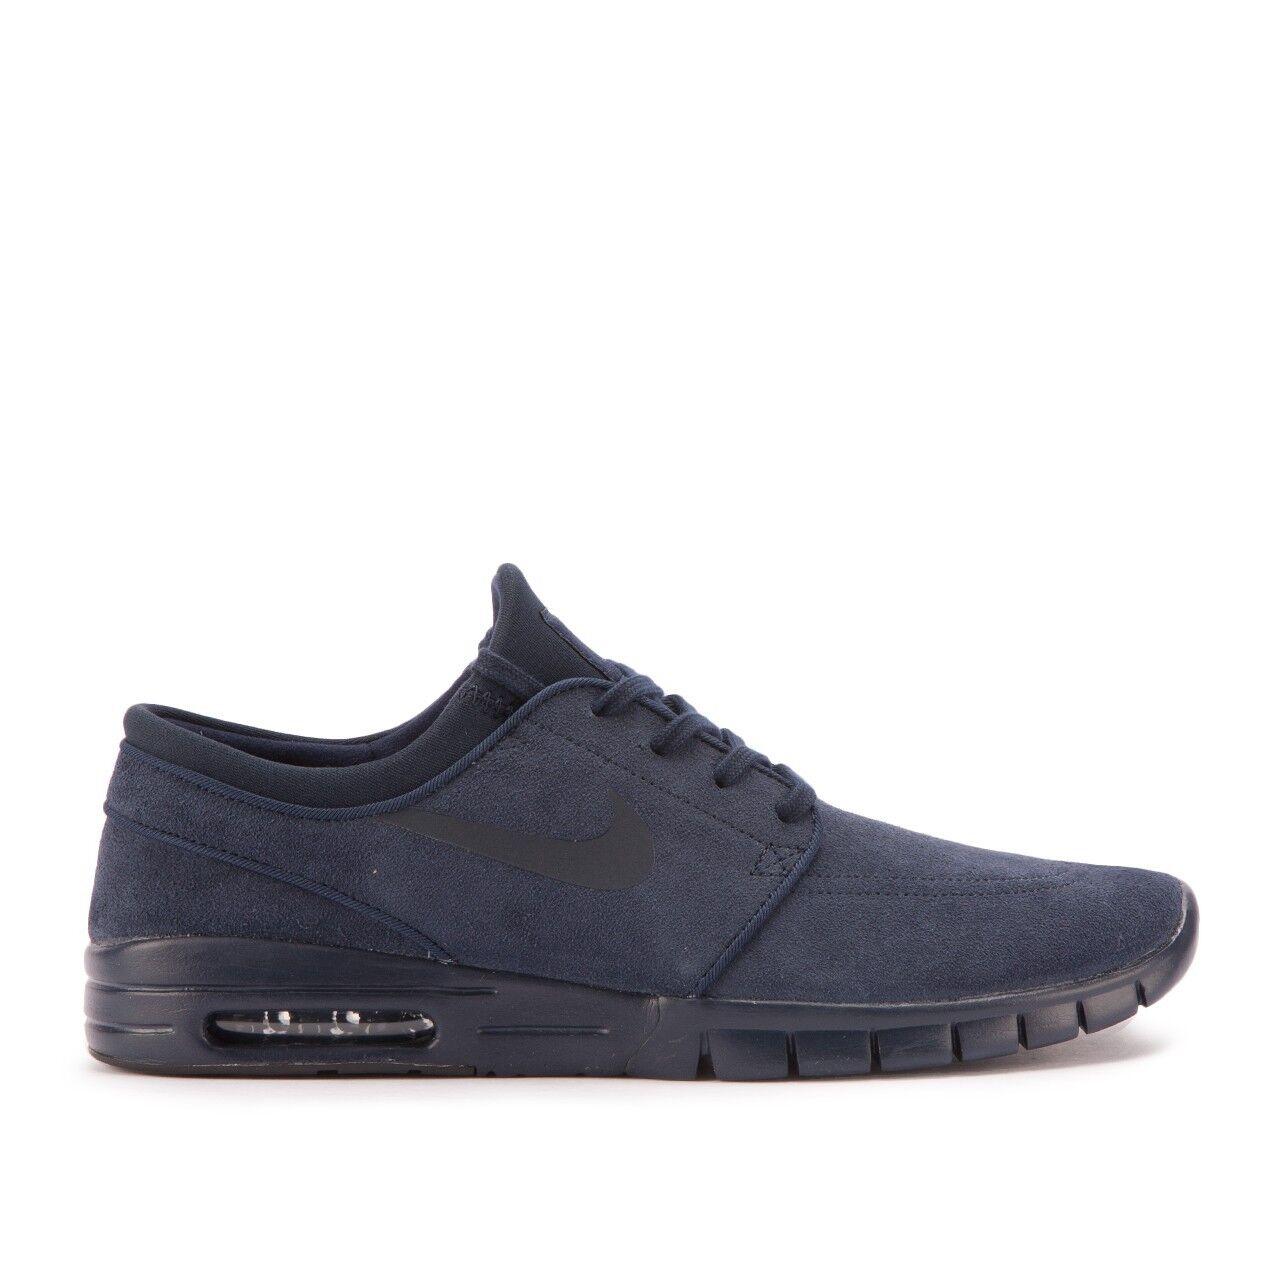 nike sb stefan bleu janoski max je   chaussures bleu stefan marine 685299 440 2865bf